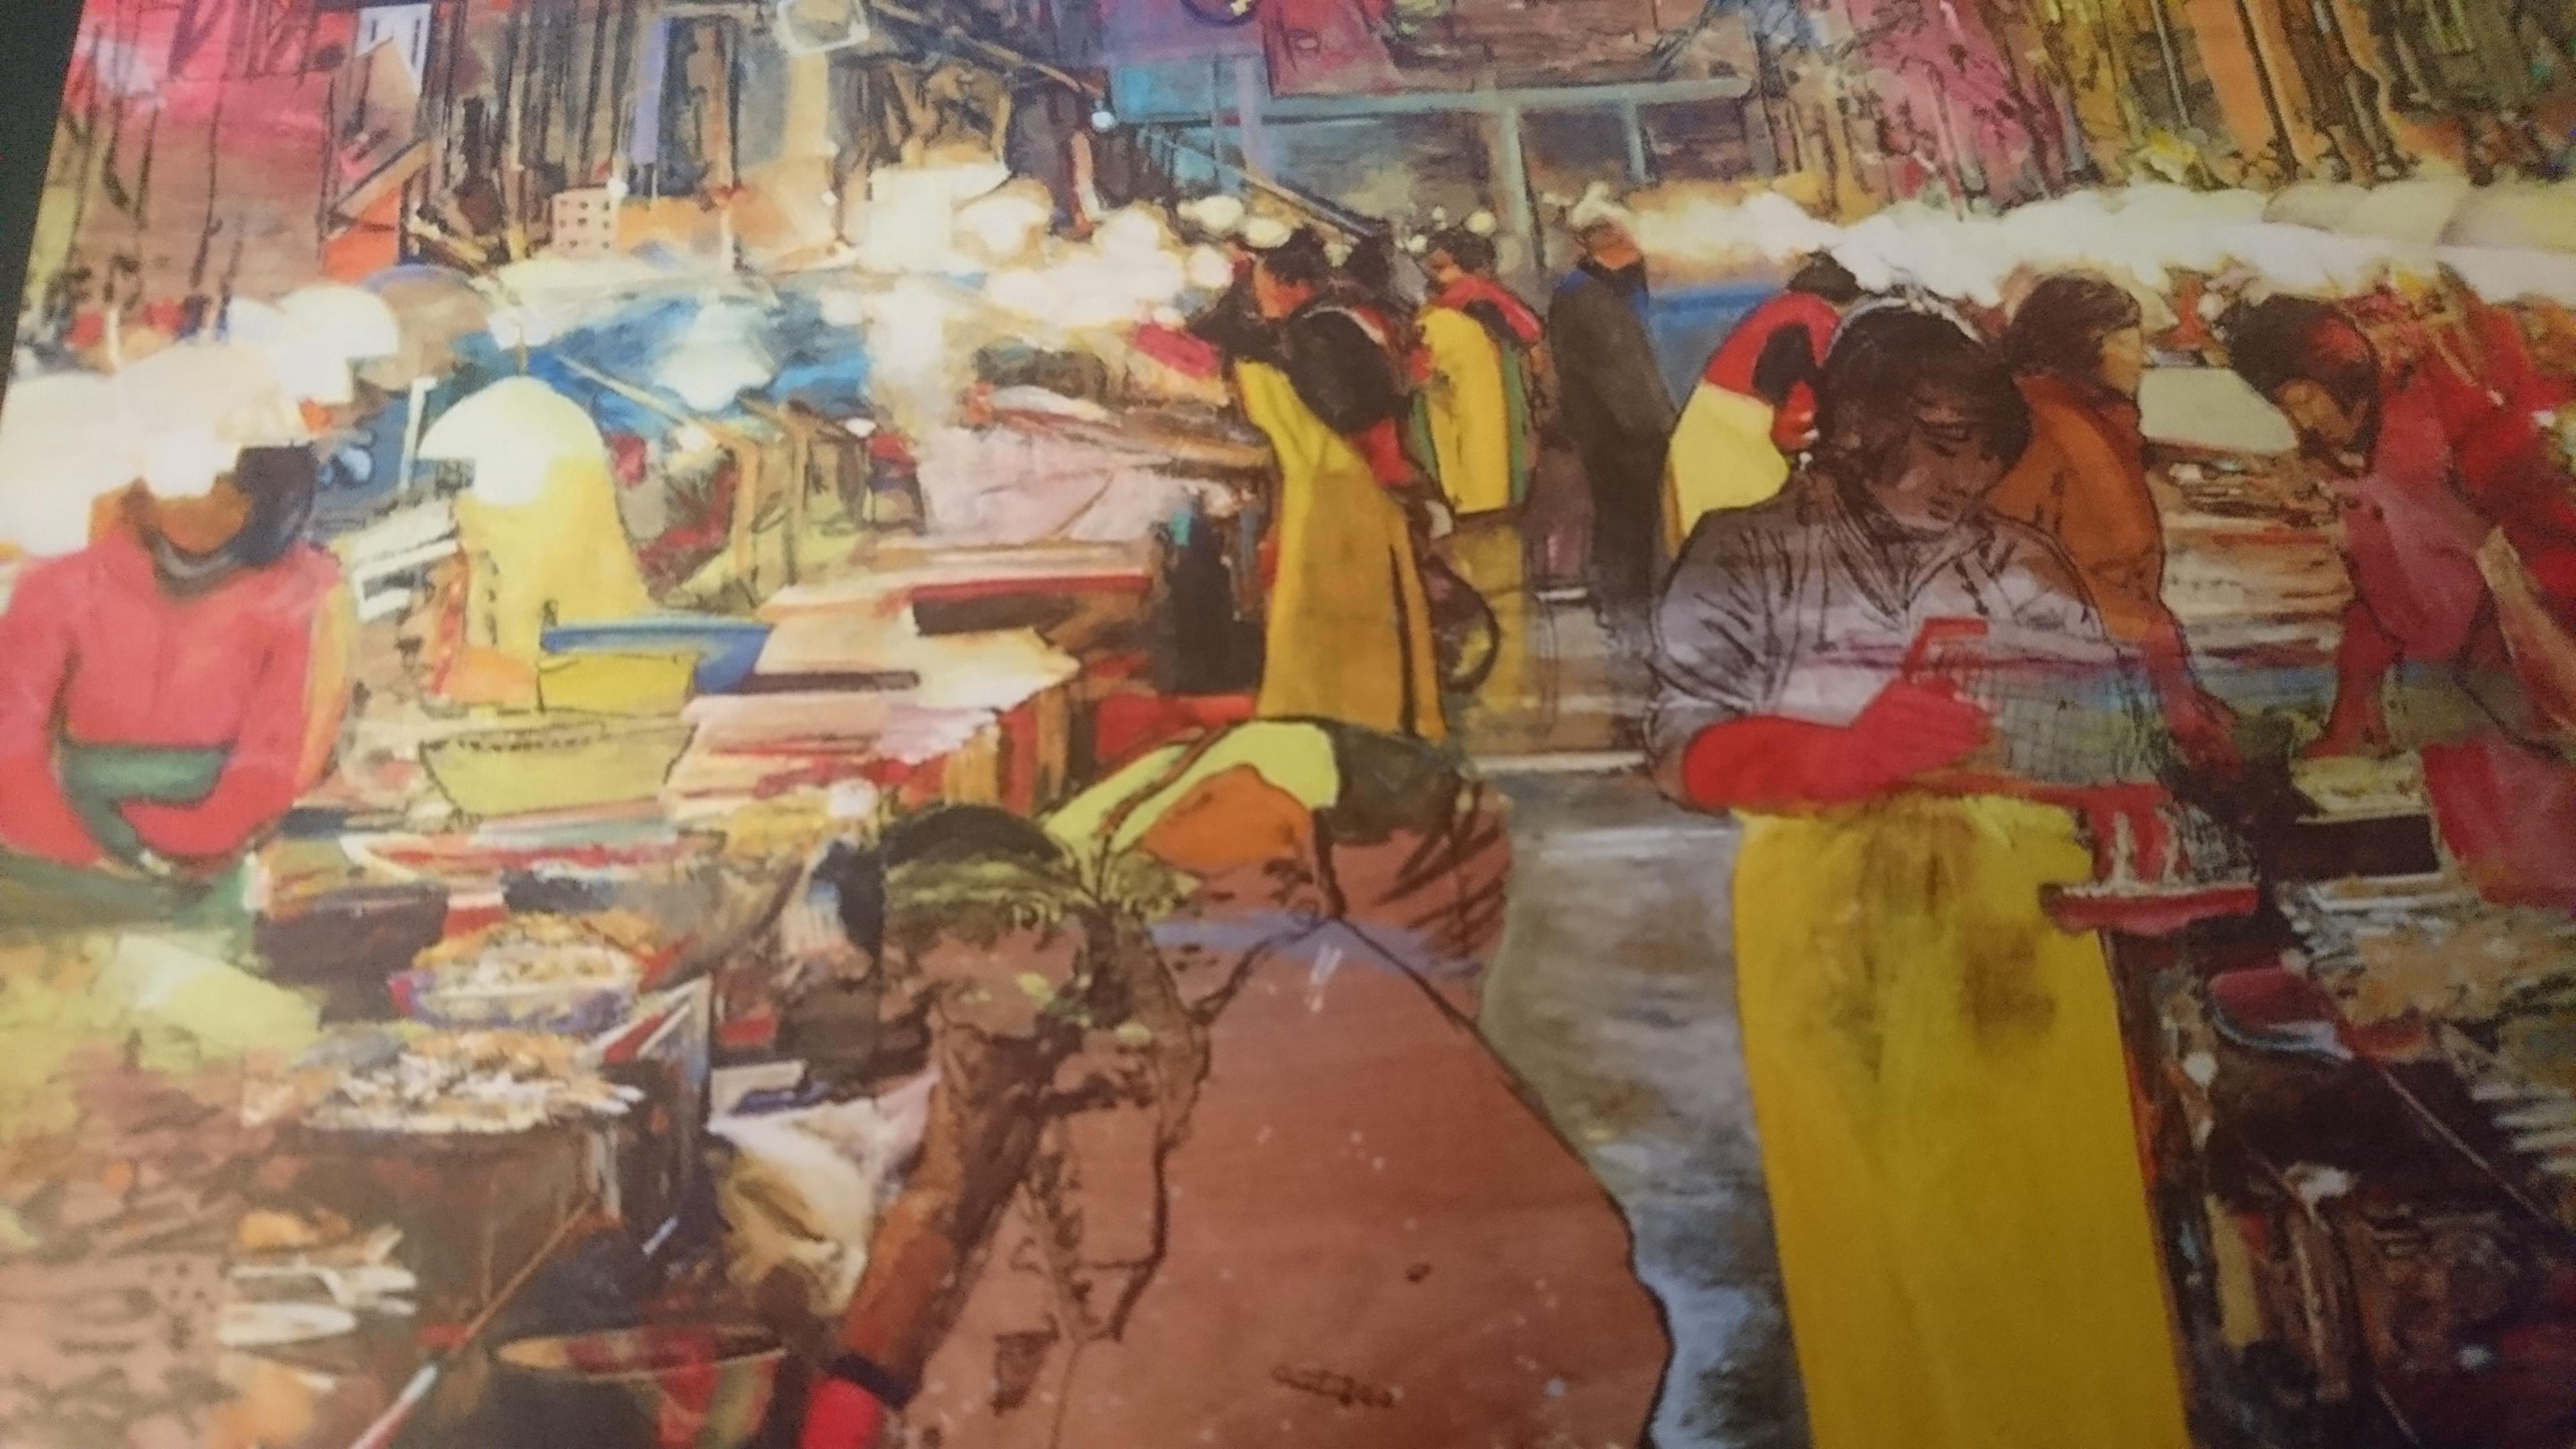 Deux expositions: Artistes chamanes autour d'une collection de l'Himalaya, et Ana González Sola, a las cinco de la tarde….